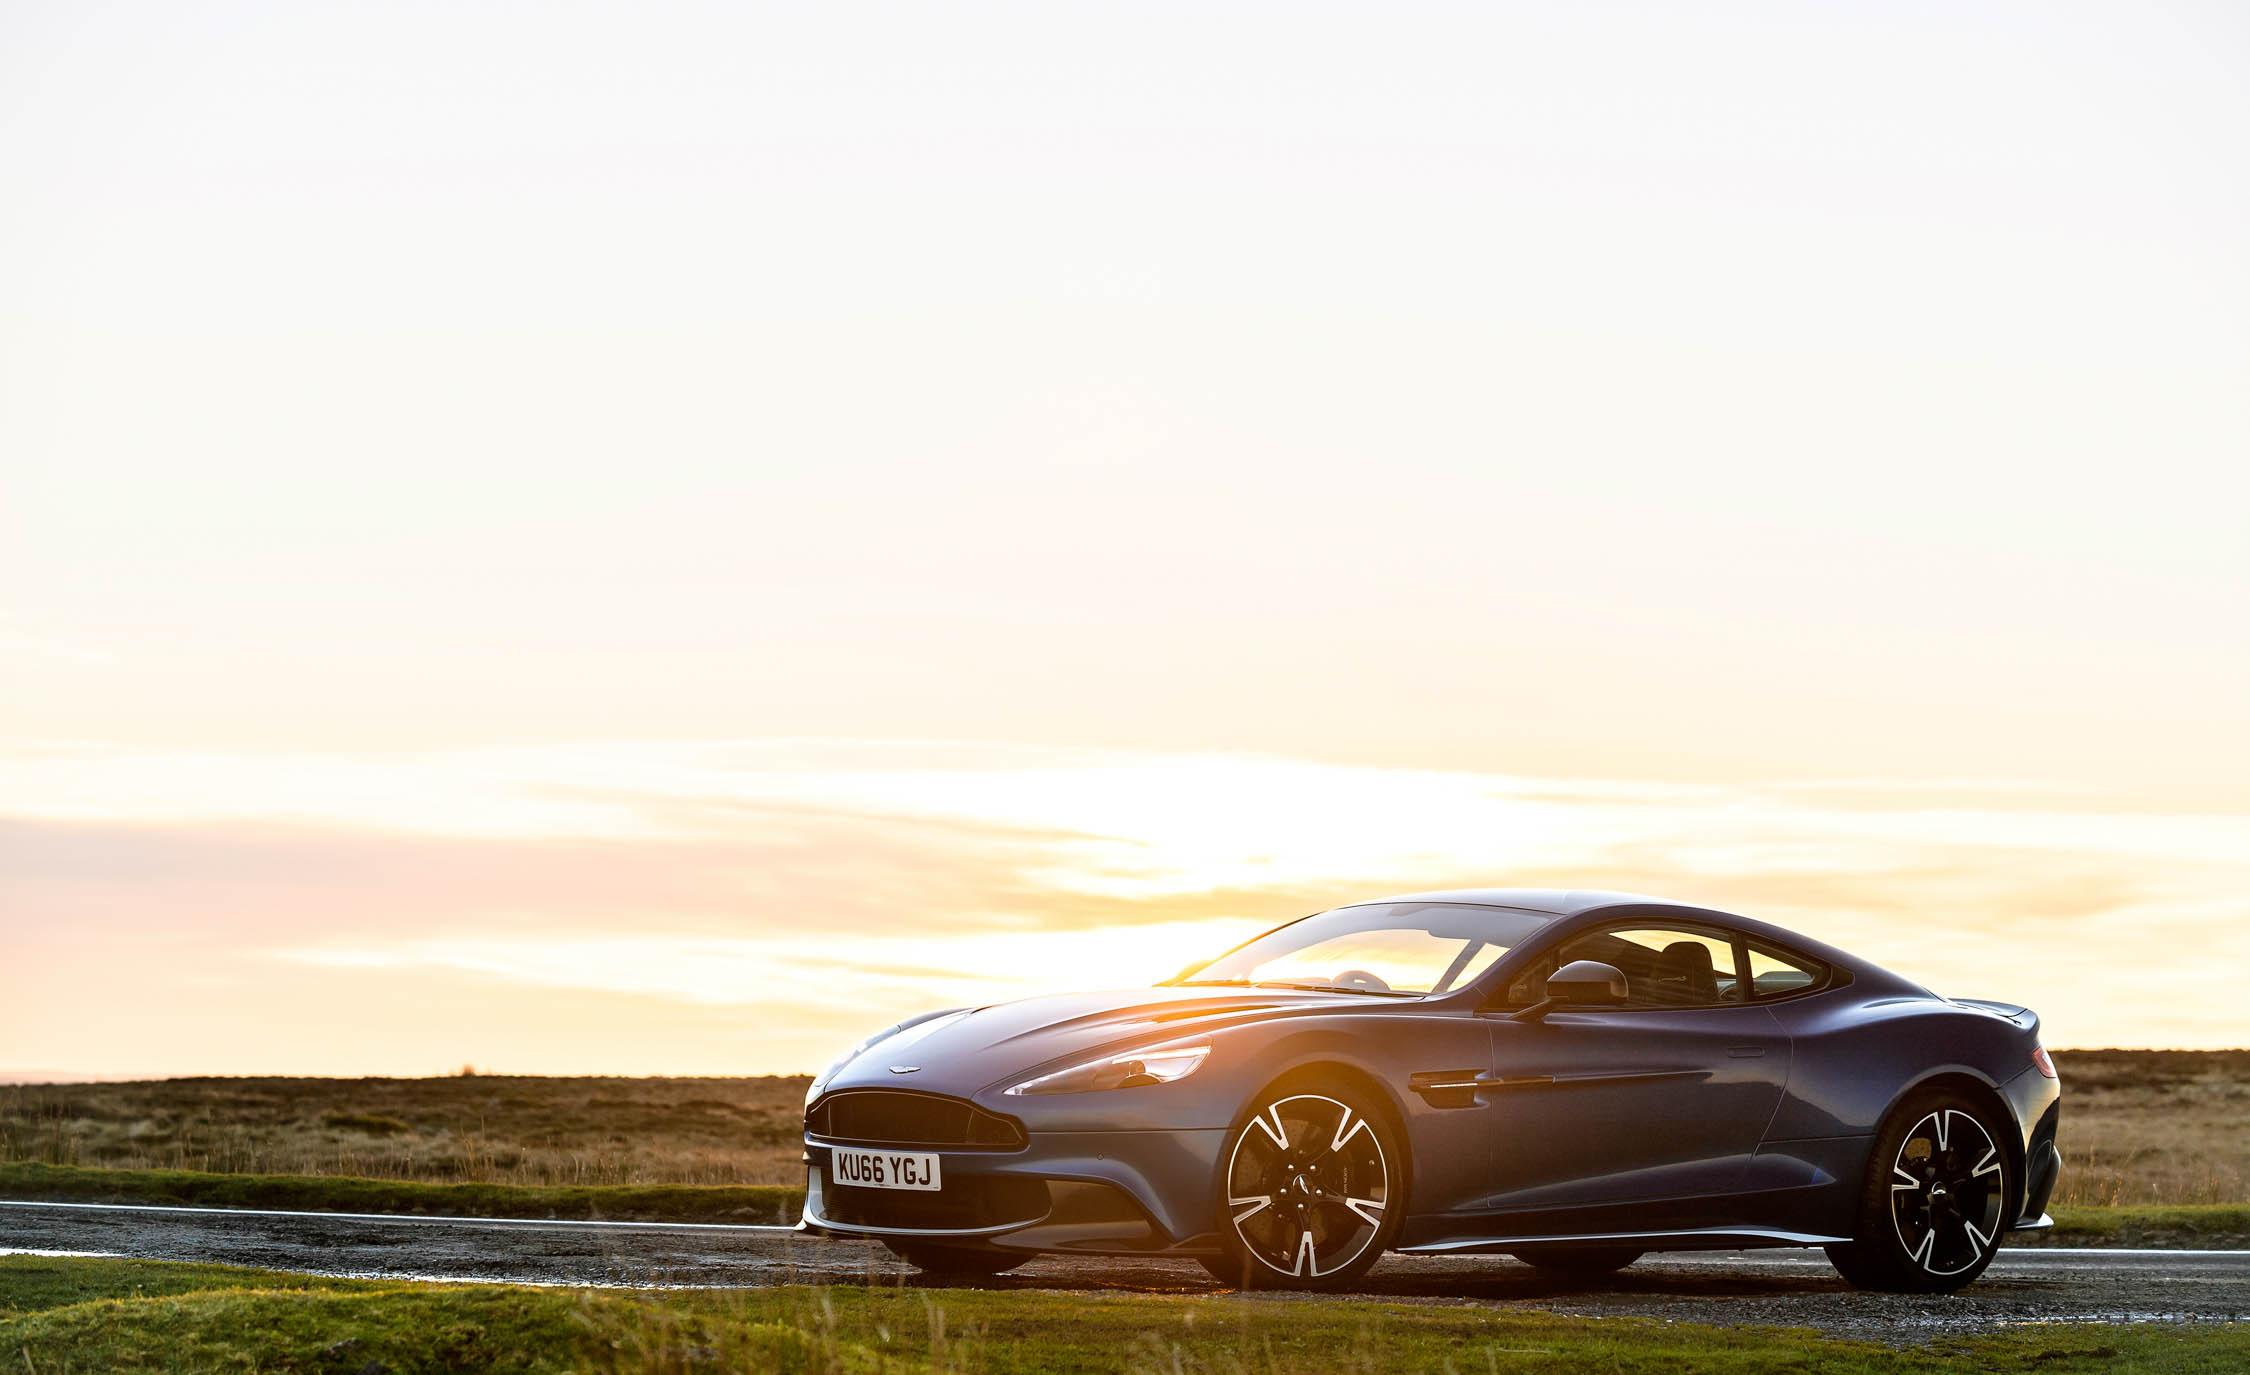 2017 Aston Martin Vanquish S (View 3 of 30)